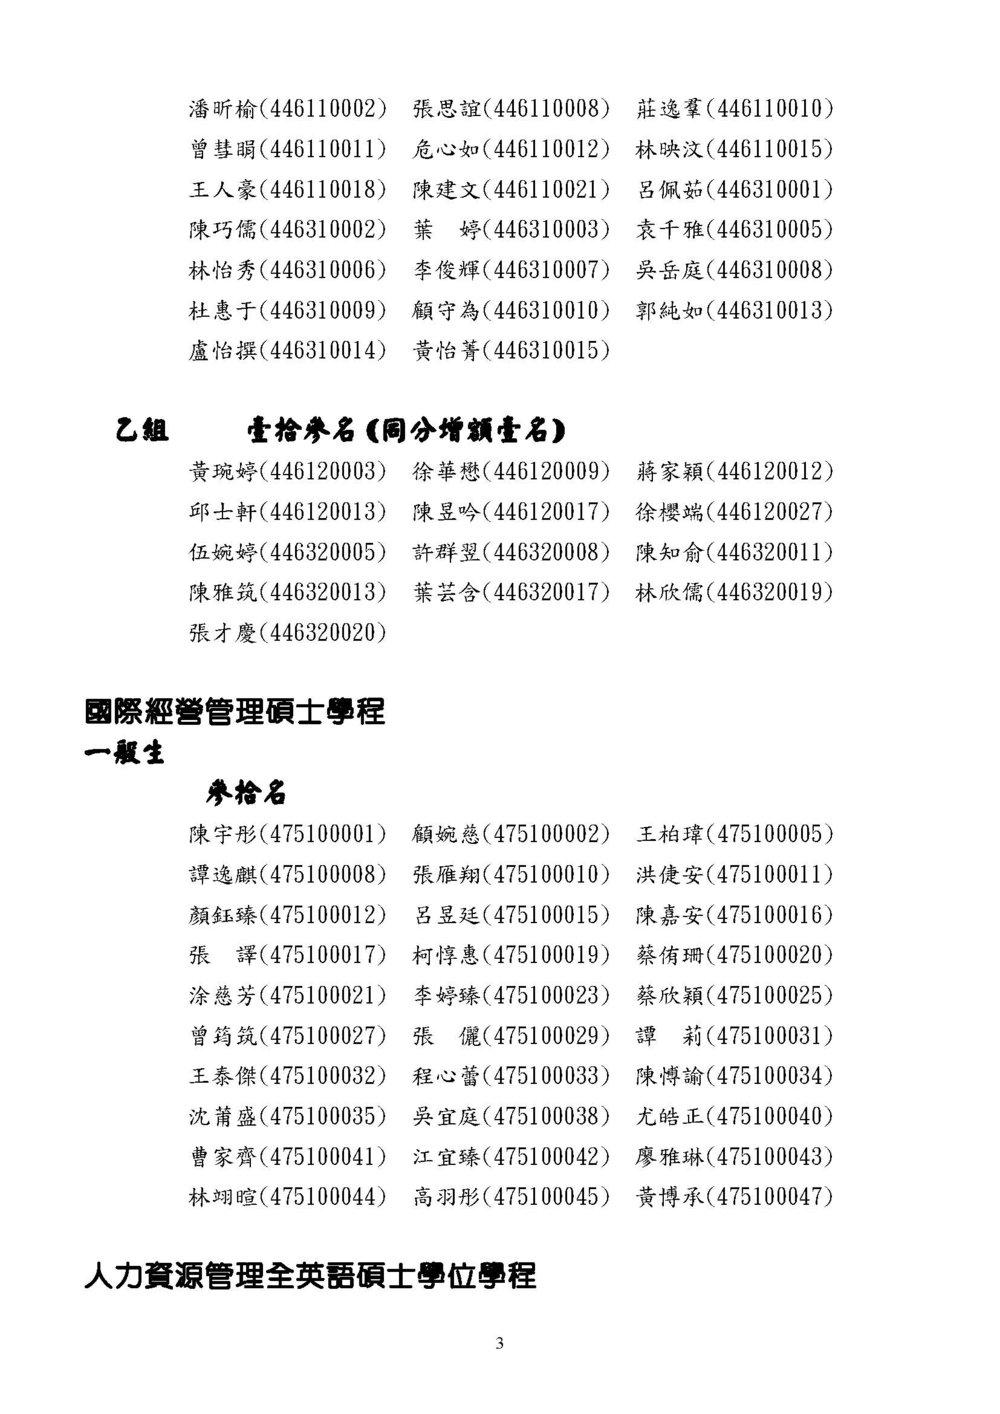 result-2.jpg